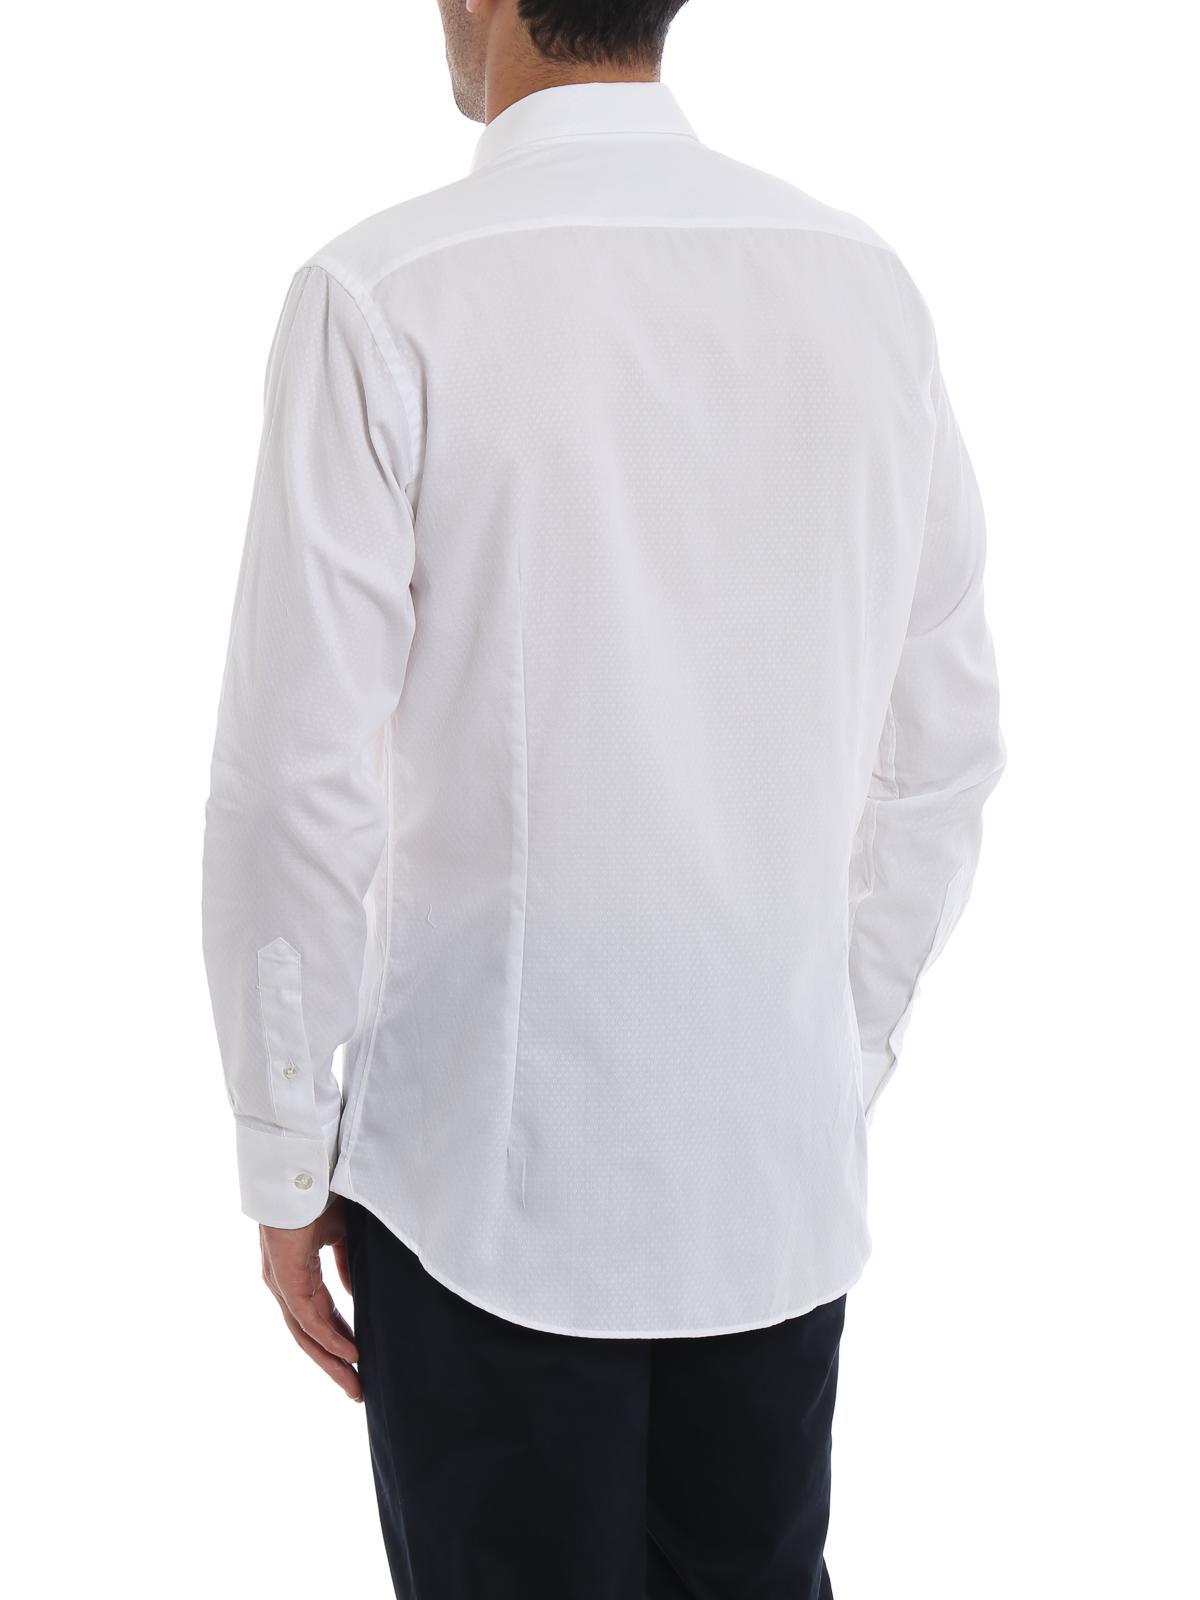 superior quality ddc68 e0165 Etro - Camicia bianca in cotone fantasia - camicie ...